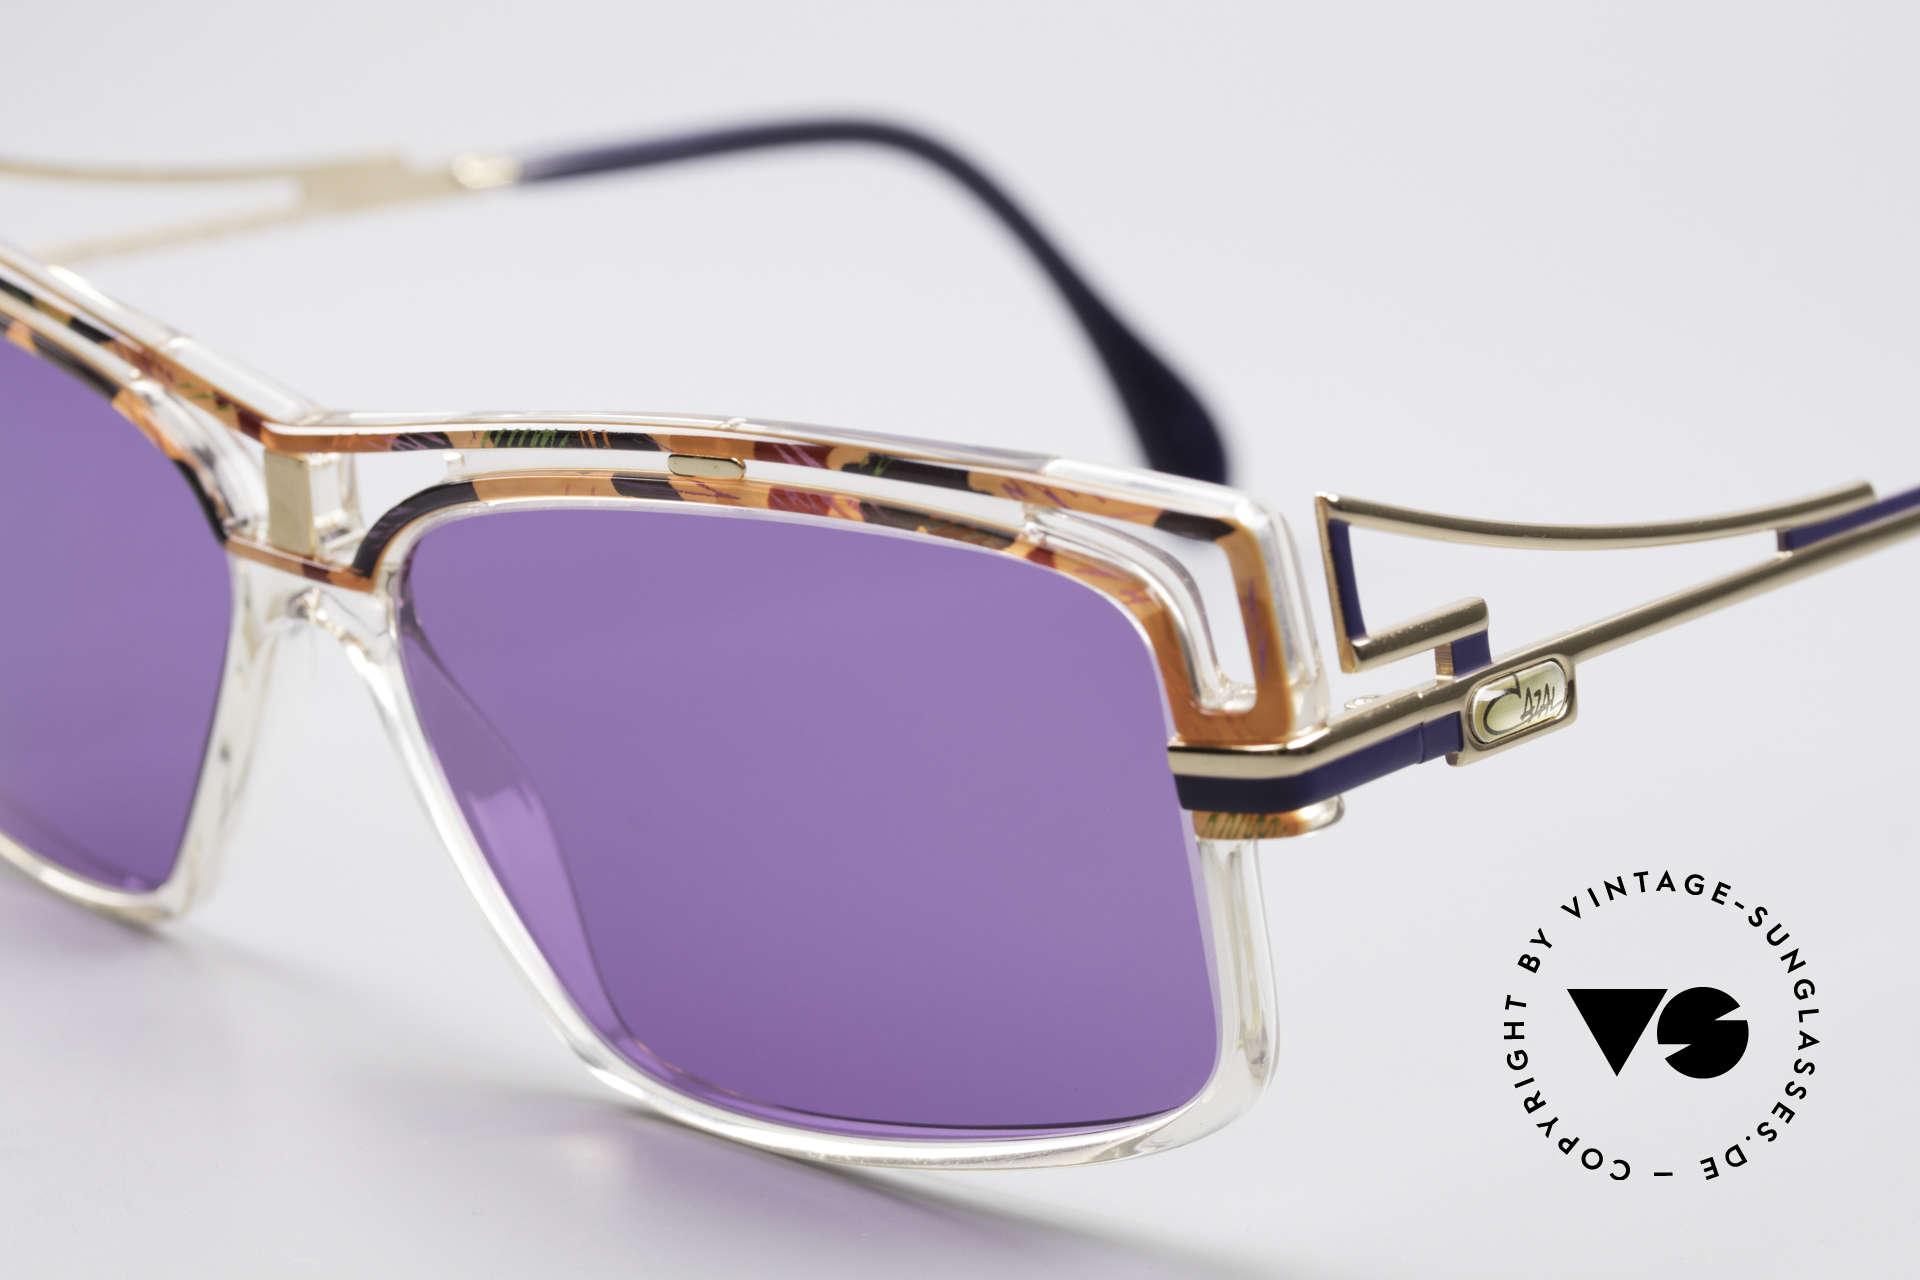 Cazal 365 No Retrobrille Echt Vintage 90er, markanter ausdrucksstarker Rahmen, Hip-Hop Brille, Passend für Herren und Damen